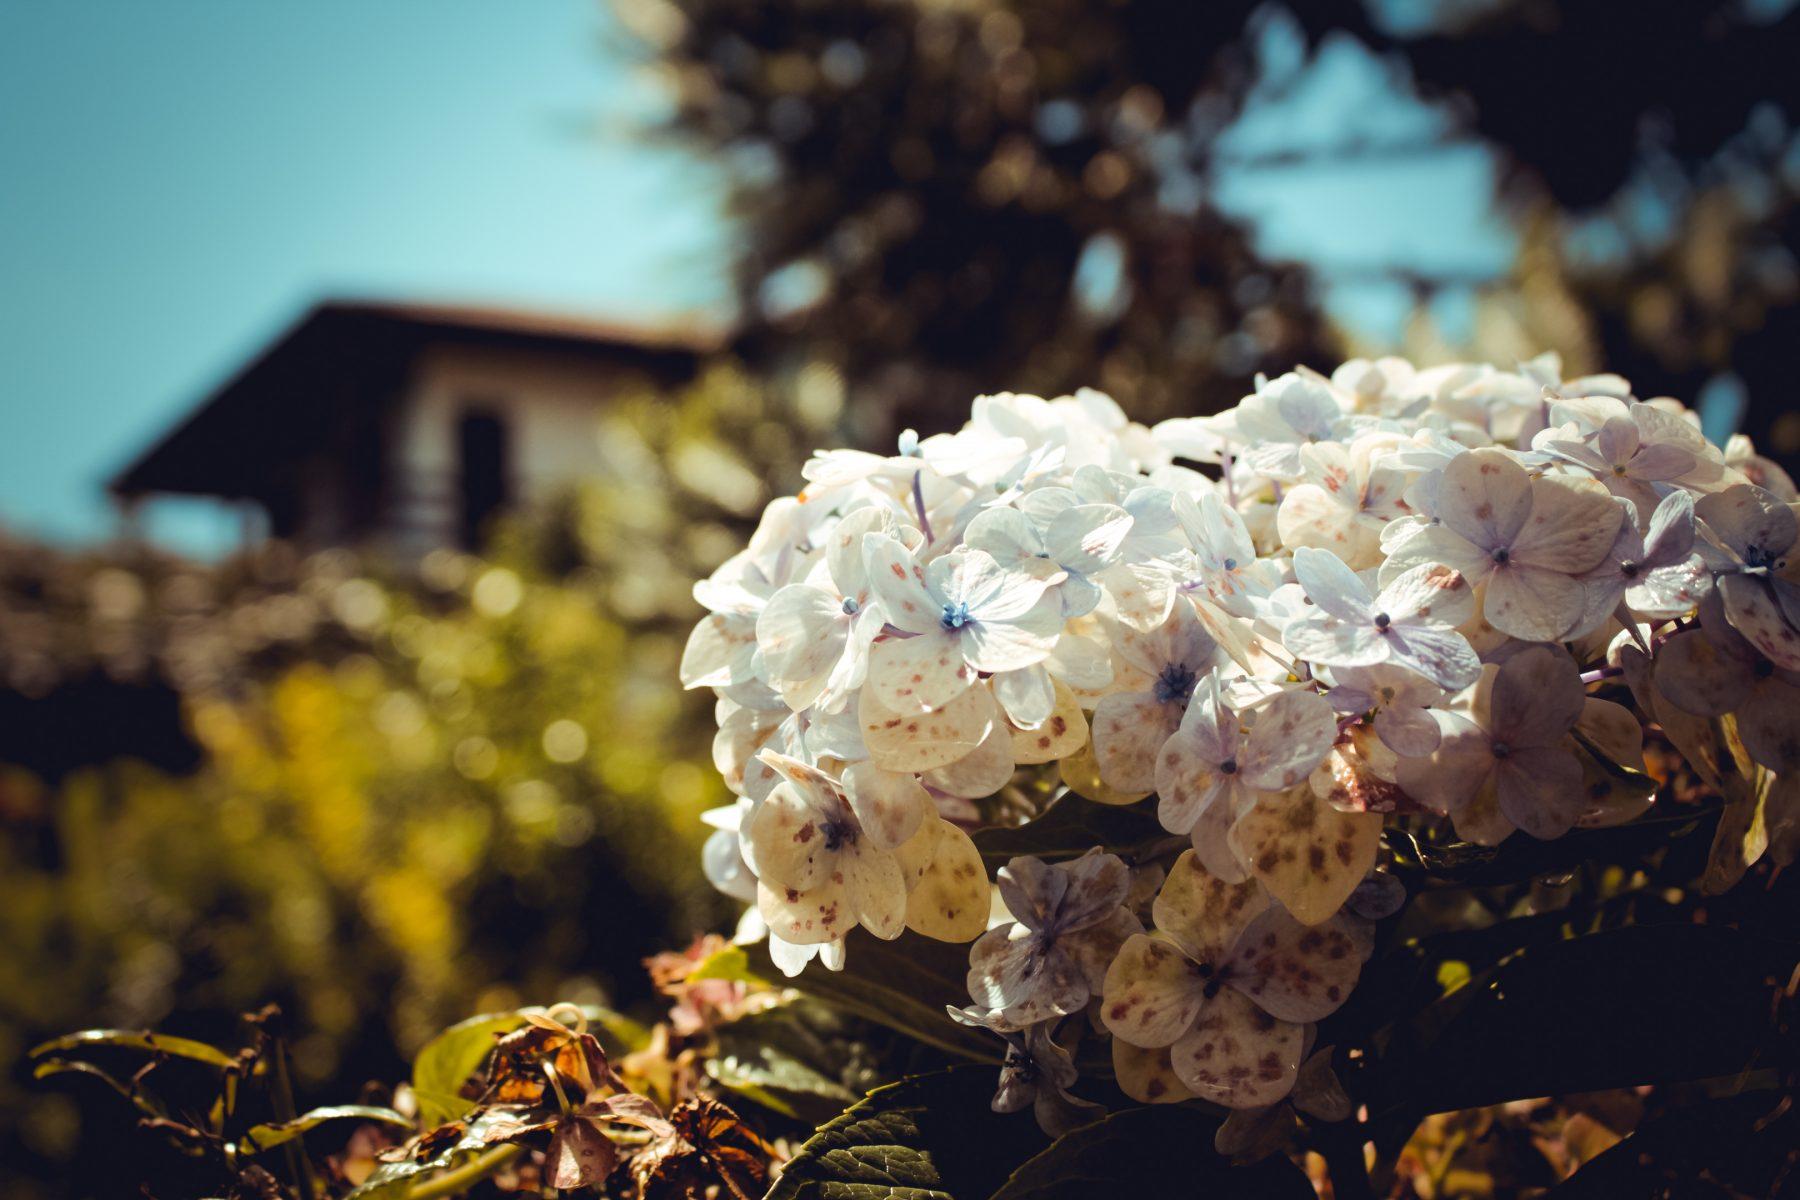 Flor no Hotel Bangalôs da Serra de Gramado - Foto: Natassia Truz Moraes